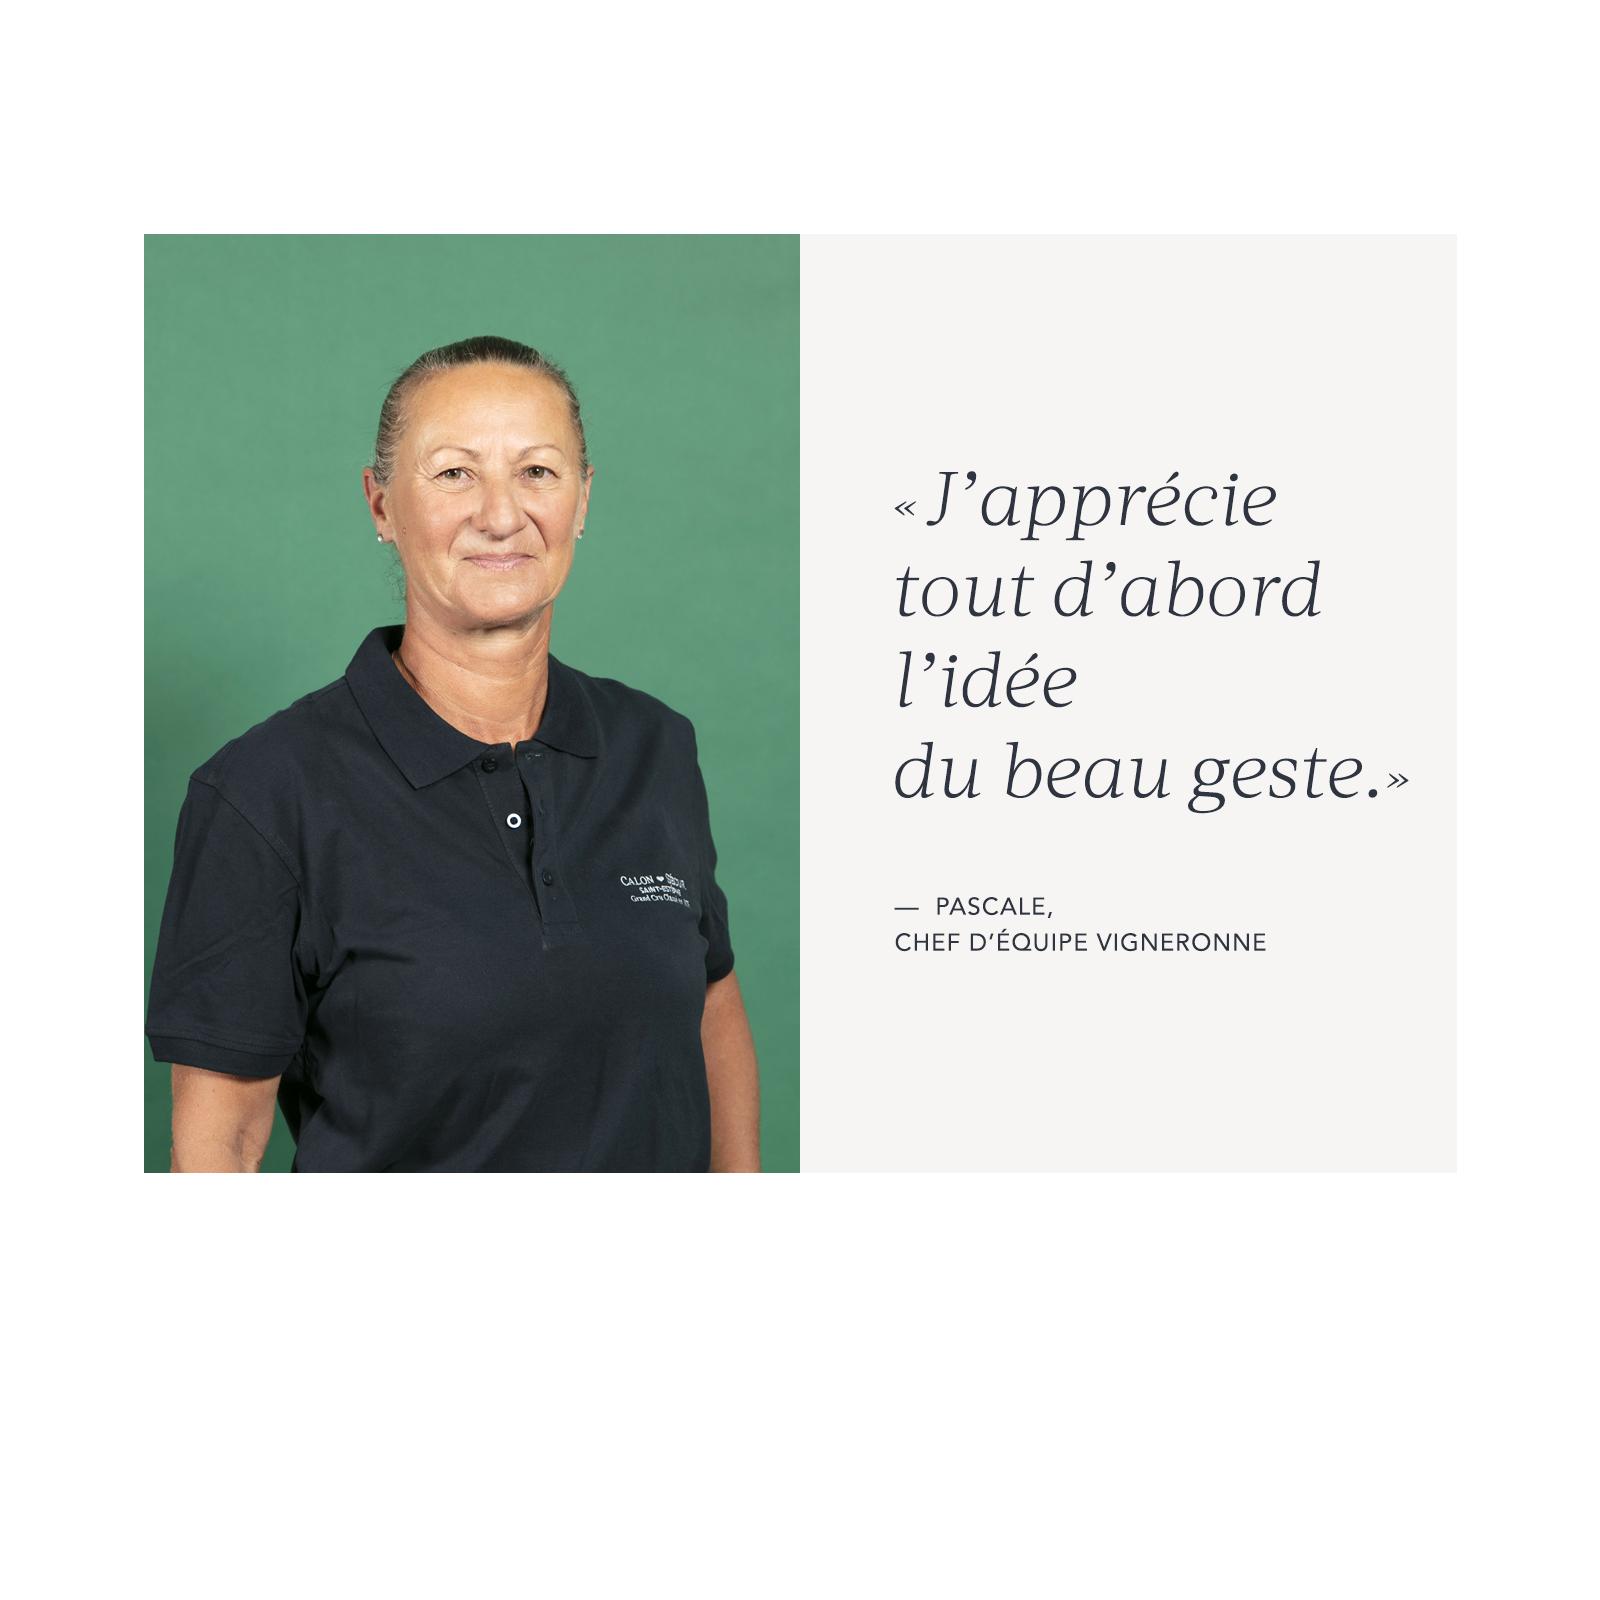 Pascale – Chef d'équipe vigneronne